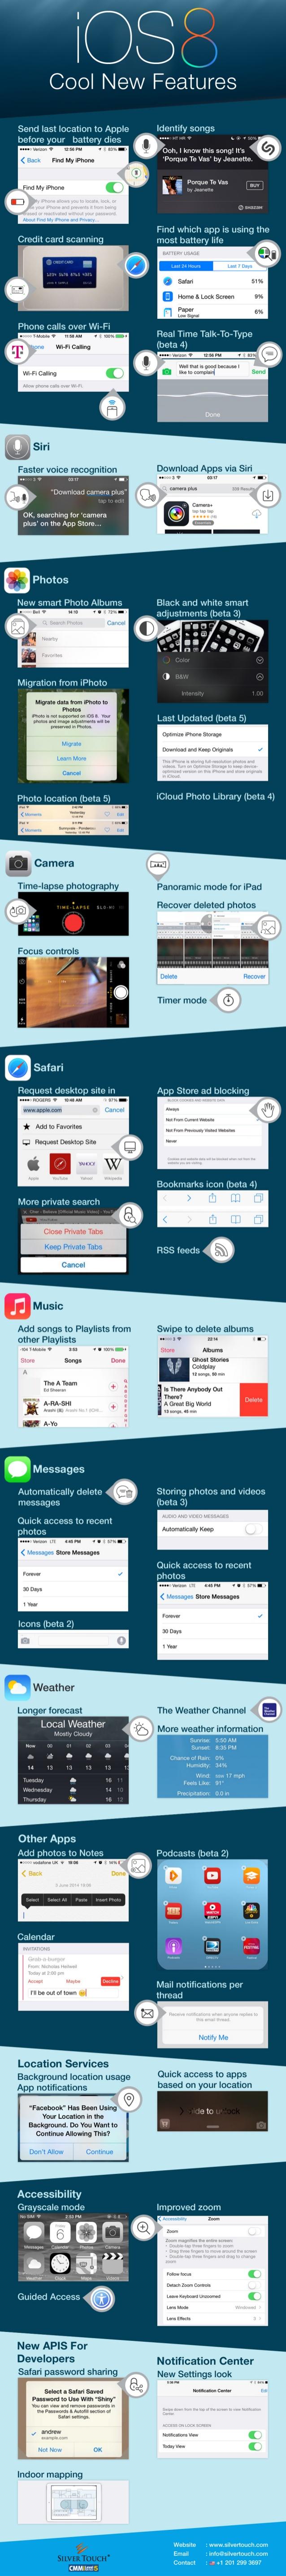 Las novedades de iOS8